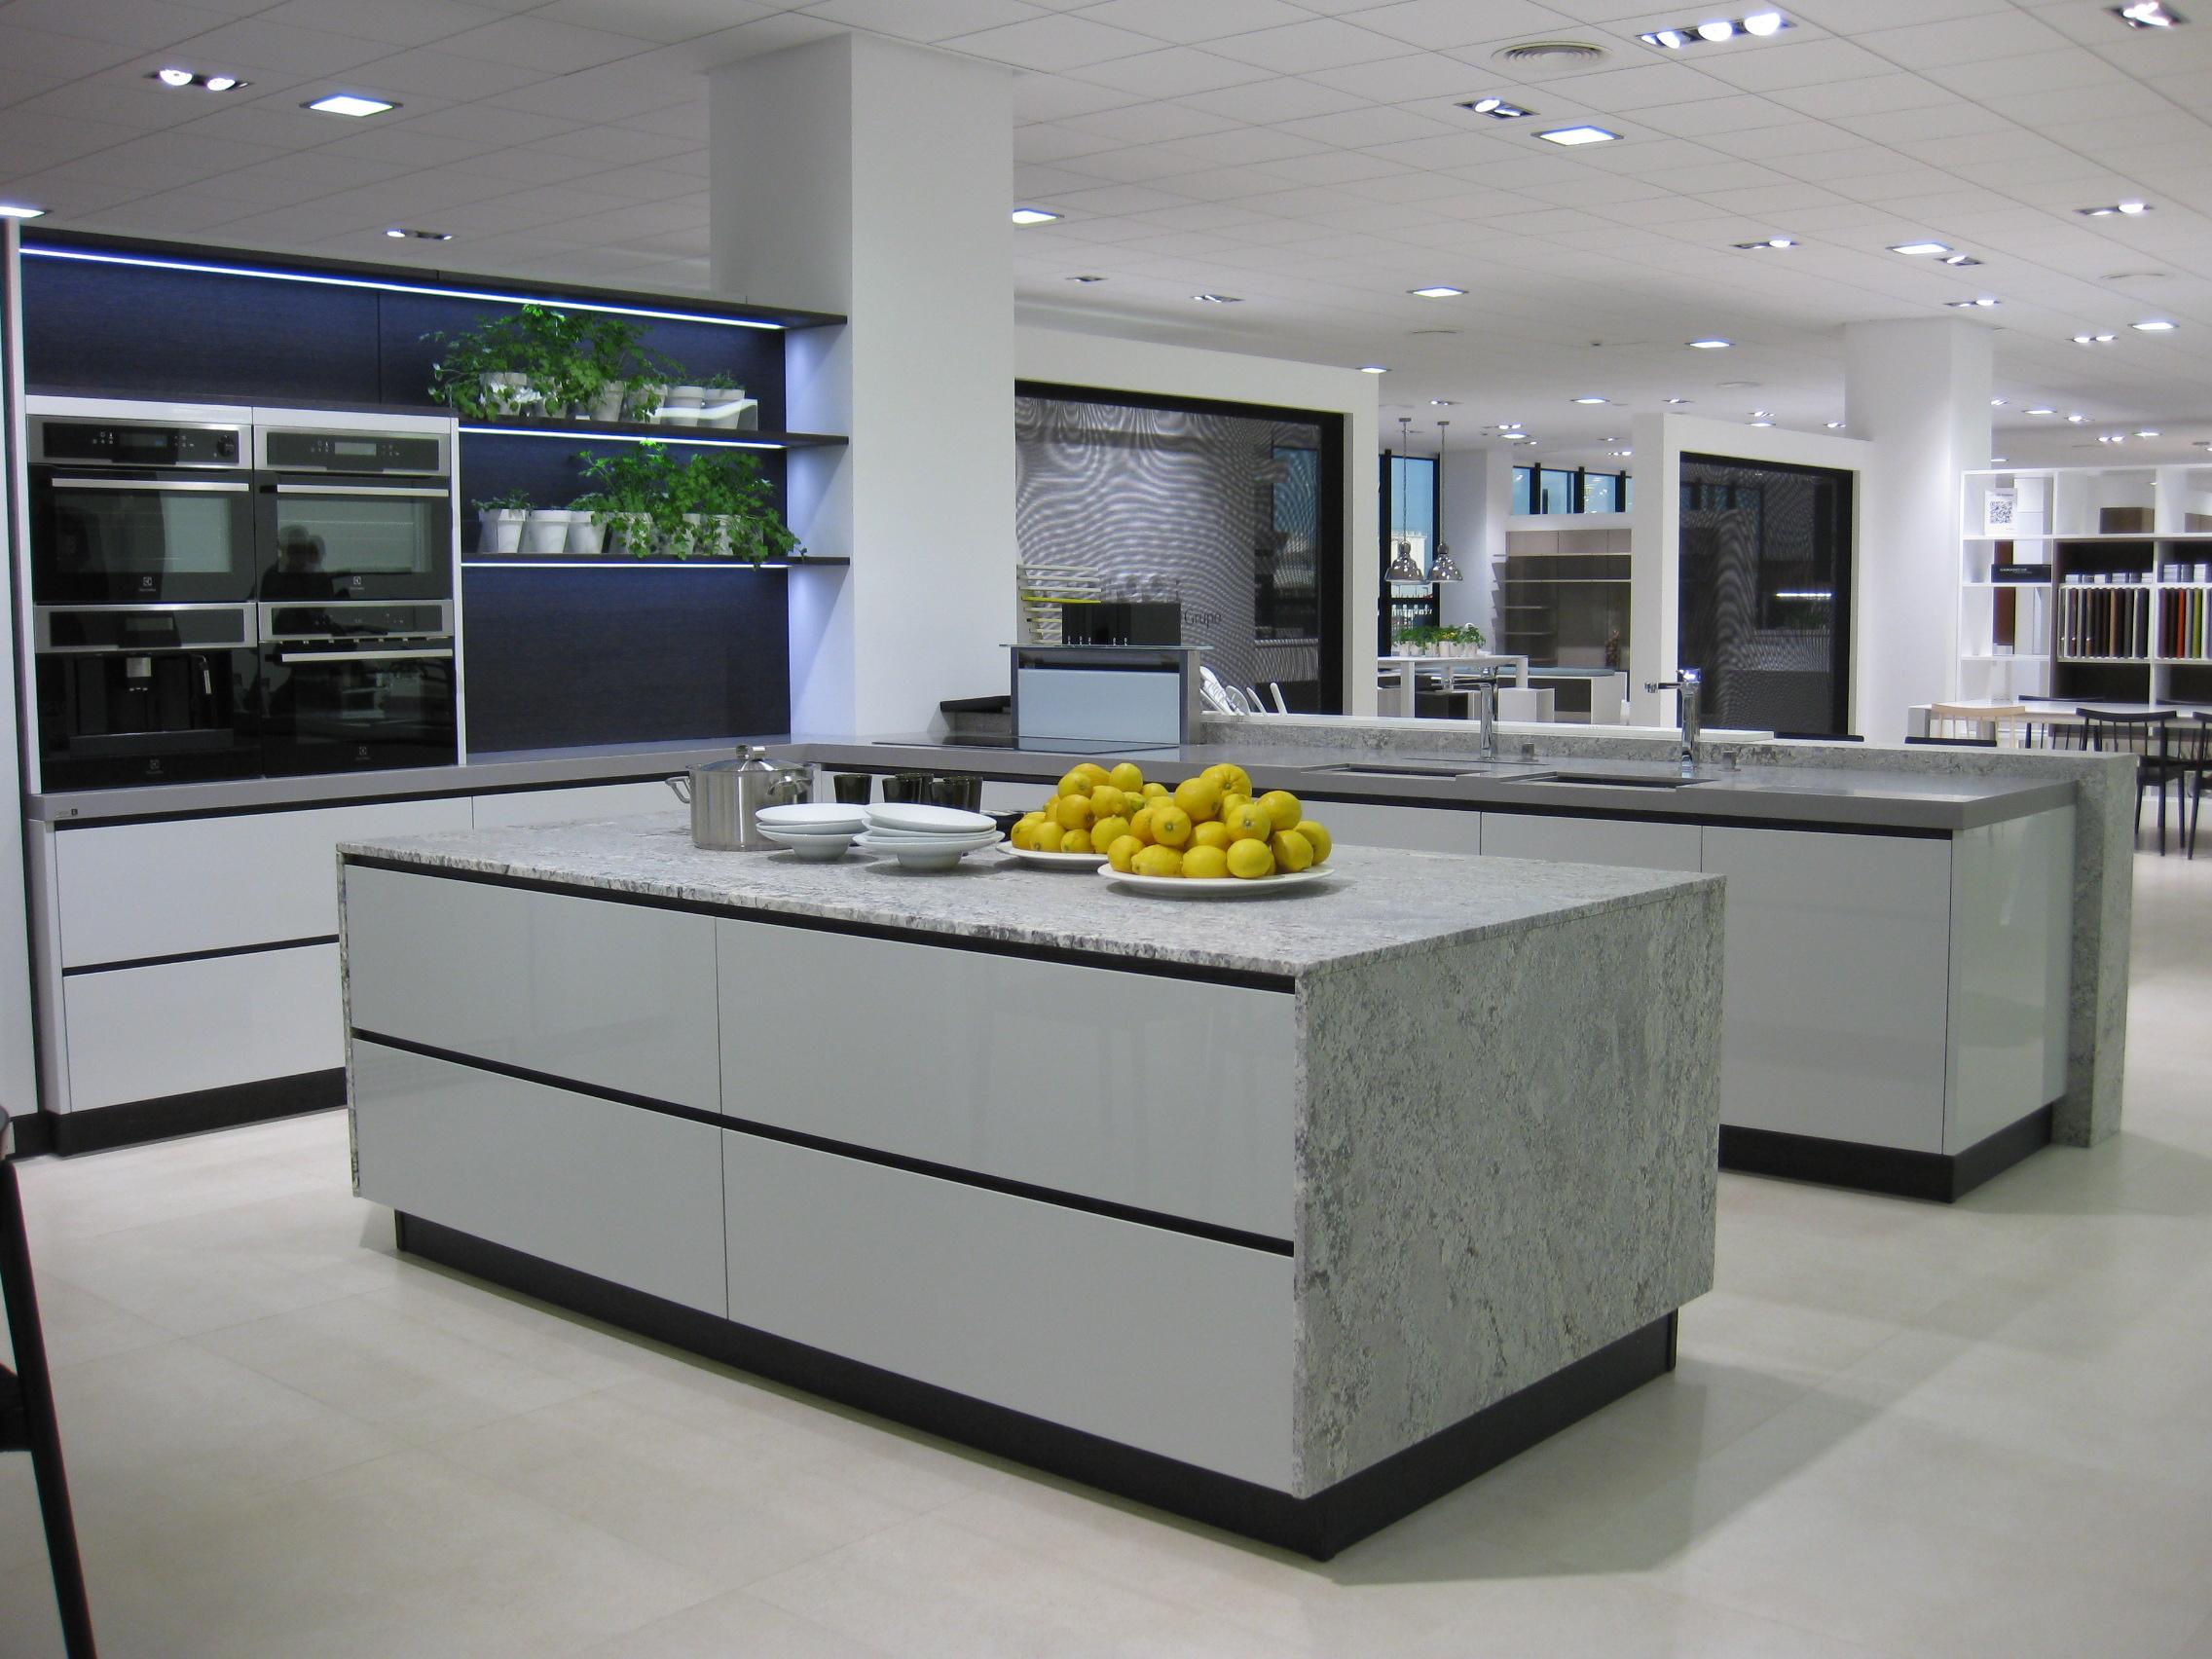 Un d a en porcelanosa grupo 3 parte villalba interiorismo for Cocinas interiores casas